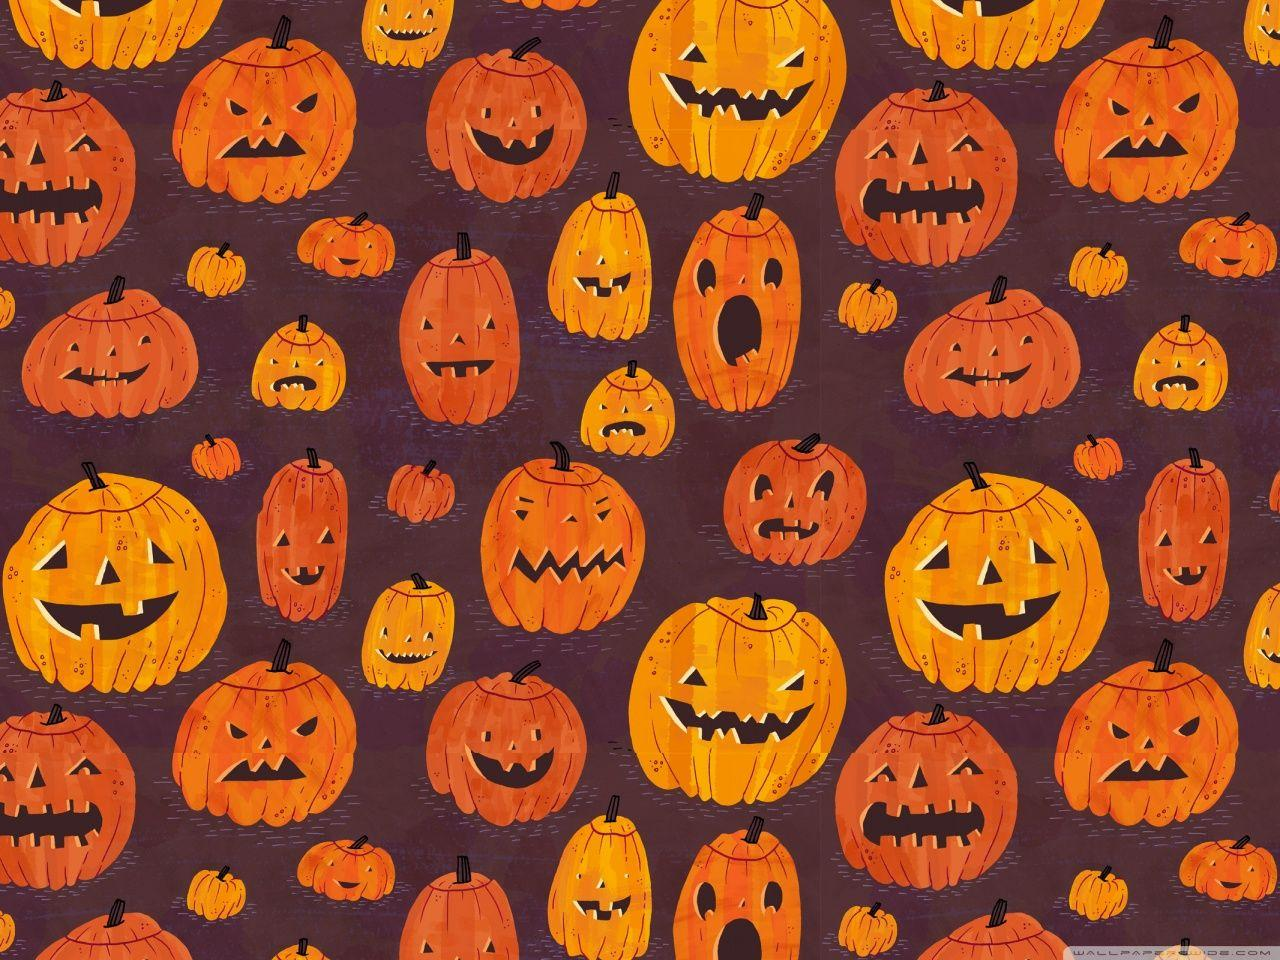 Cute Pumpkins Wallpapers Wallpaper Cave